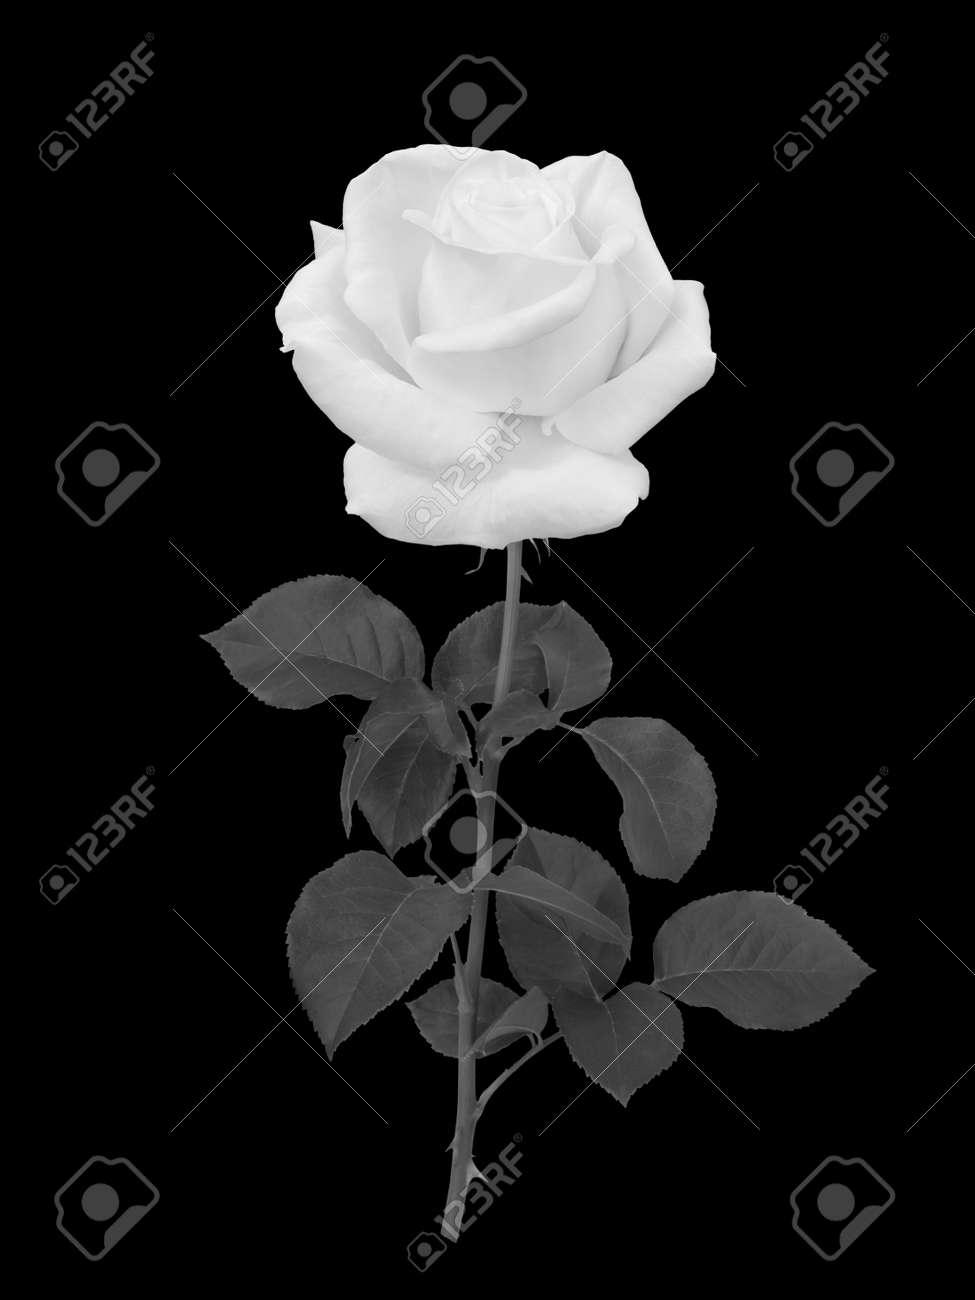 Una Rosa Blanca Sobre Fondo Negro Ejemplo Monocromático Fotos